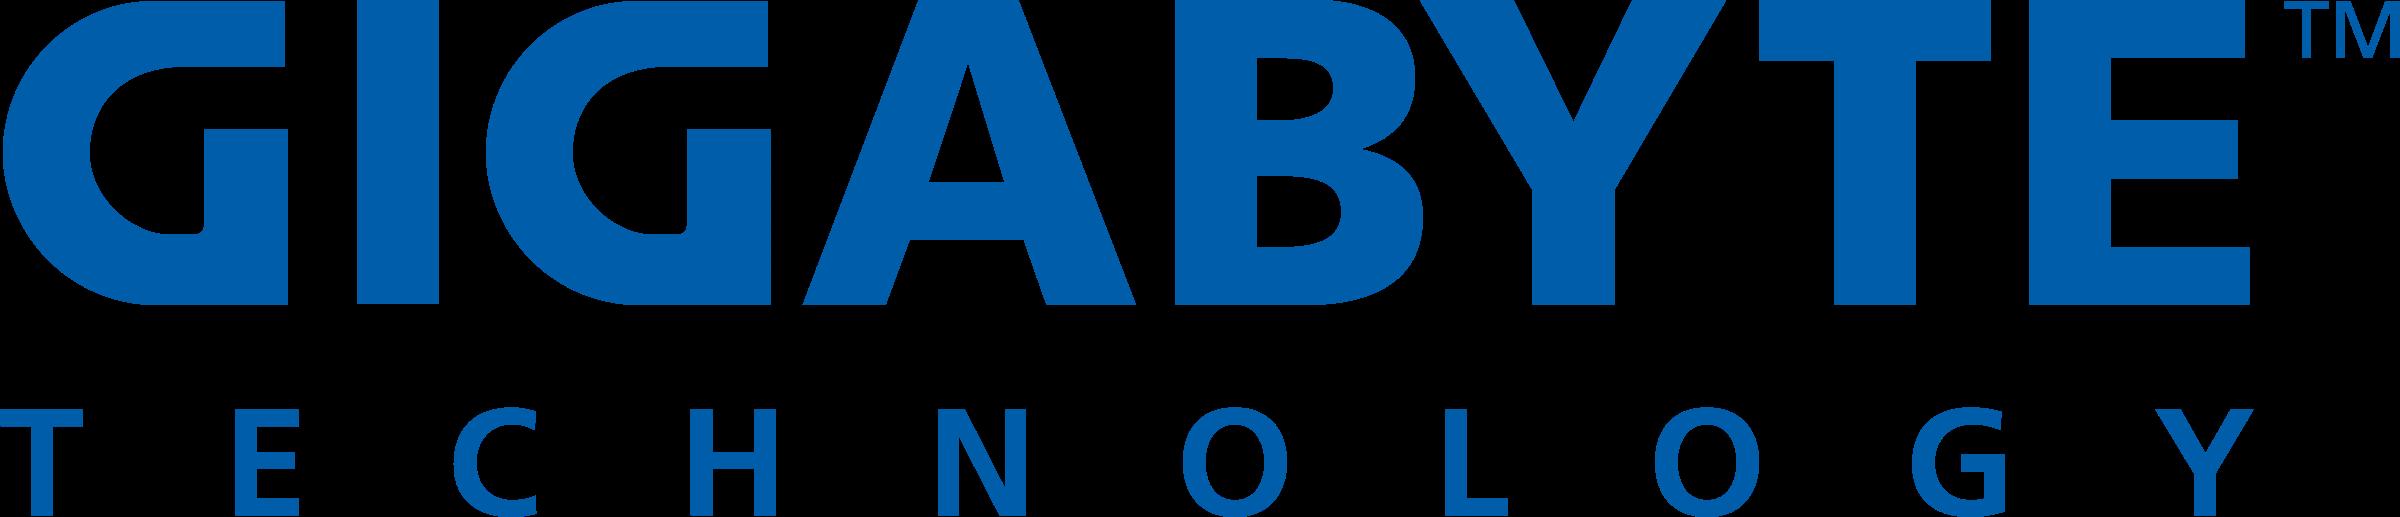 Gigabyte Logo PNG Transparent & SVG Vector.